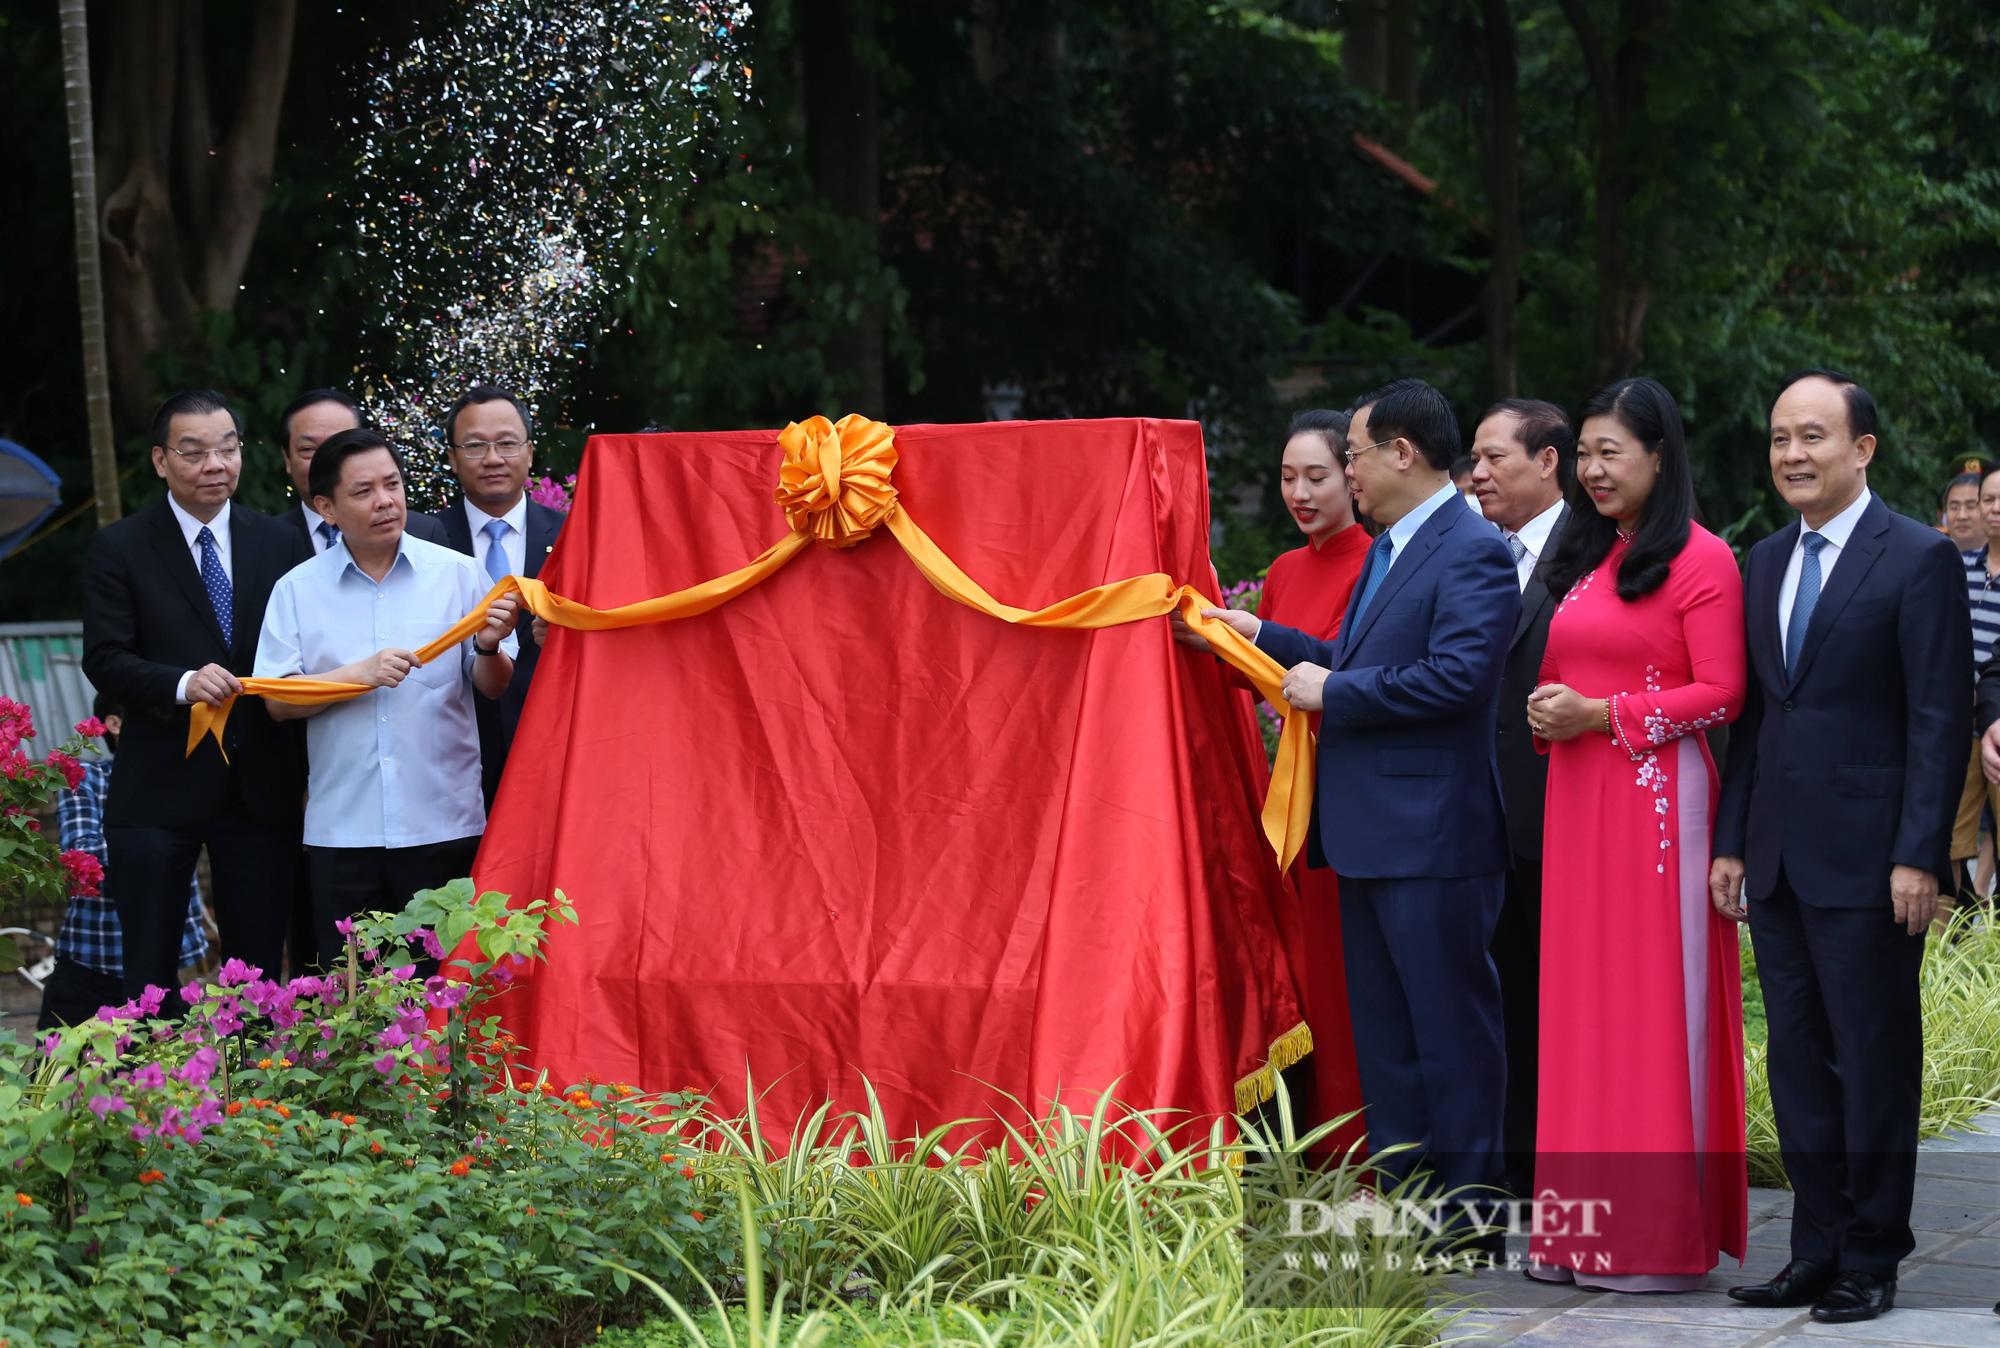 Tân chủ tịch Hà Nội cùng bộ trưởng Nguyễn Văn Thể dự lễ thông xe qua hồ Linh Đàm - Ảnh 2.